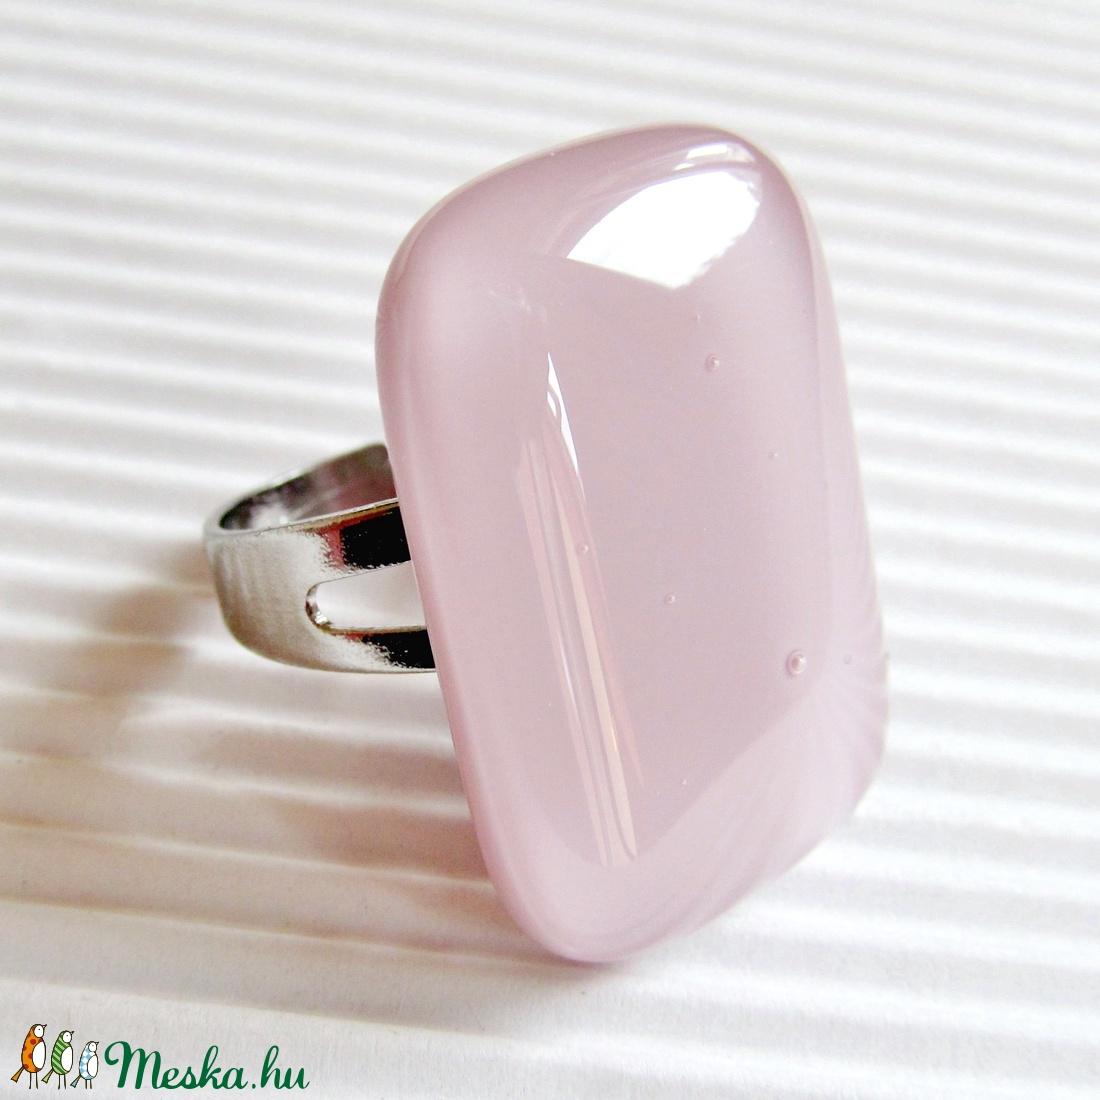 Sápadt rózsaszín elegancia üveg gyűrű, üvegékszer - ékszer - gyűrű - statement gyűrű - Meska.hu